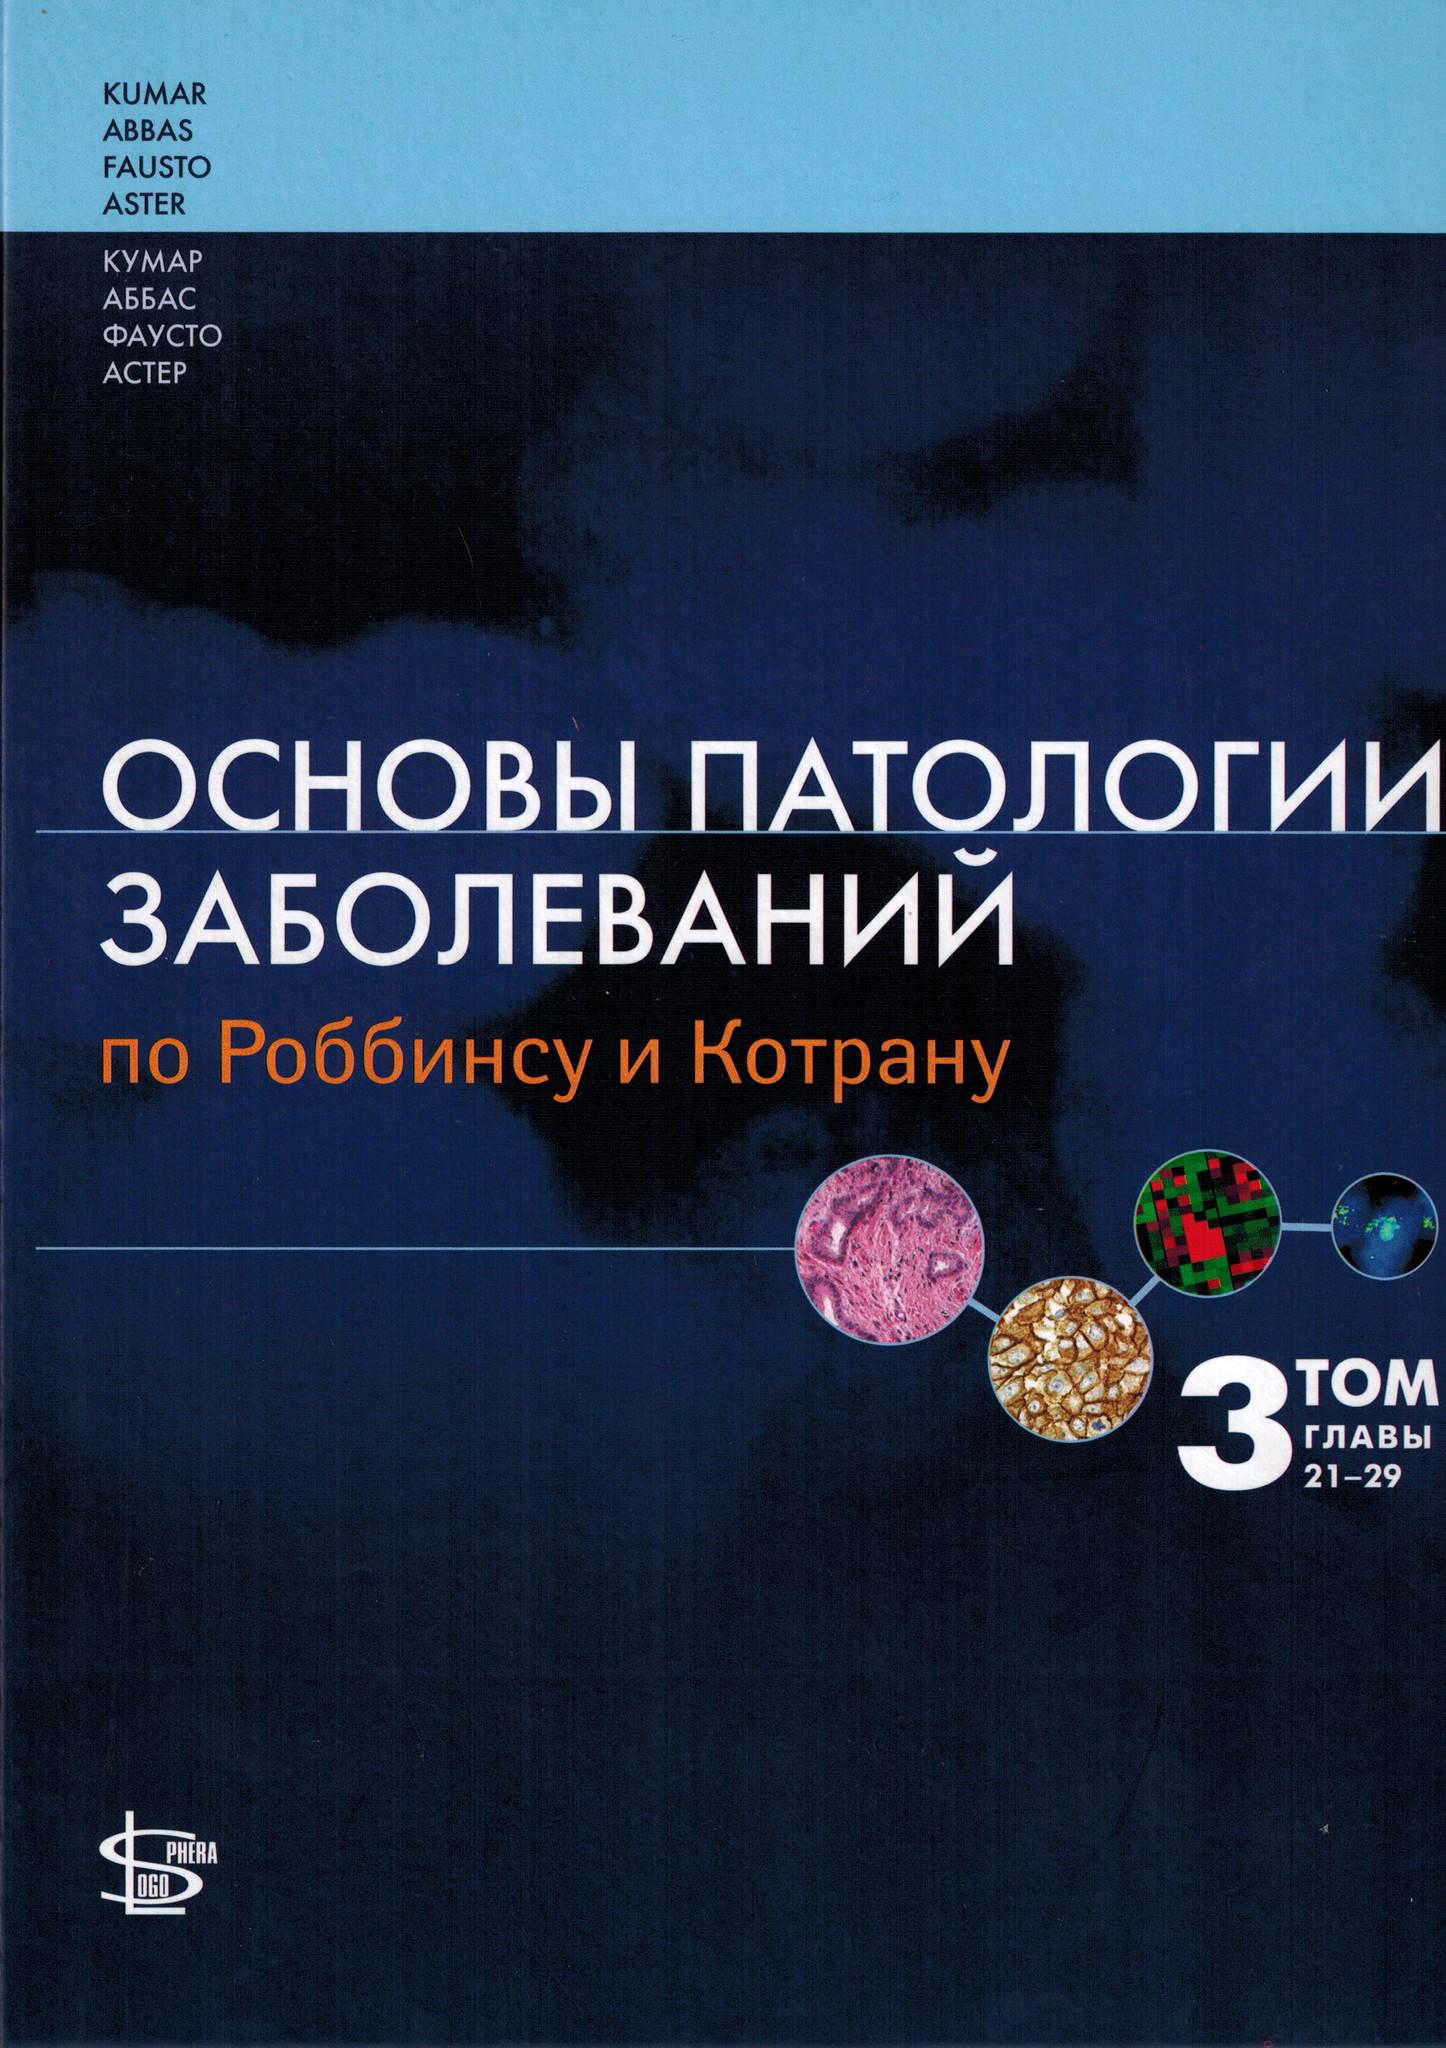 Каталог Основы патологии заболеваний по Роббинсу и Котрану (том 3) opz3.jpg